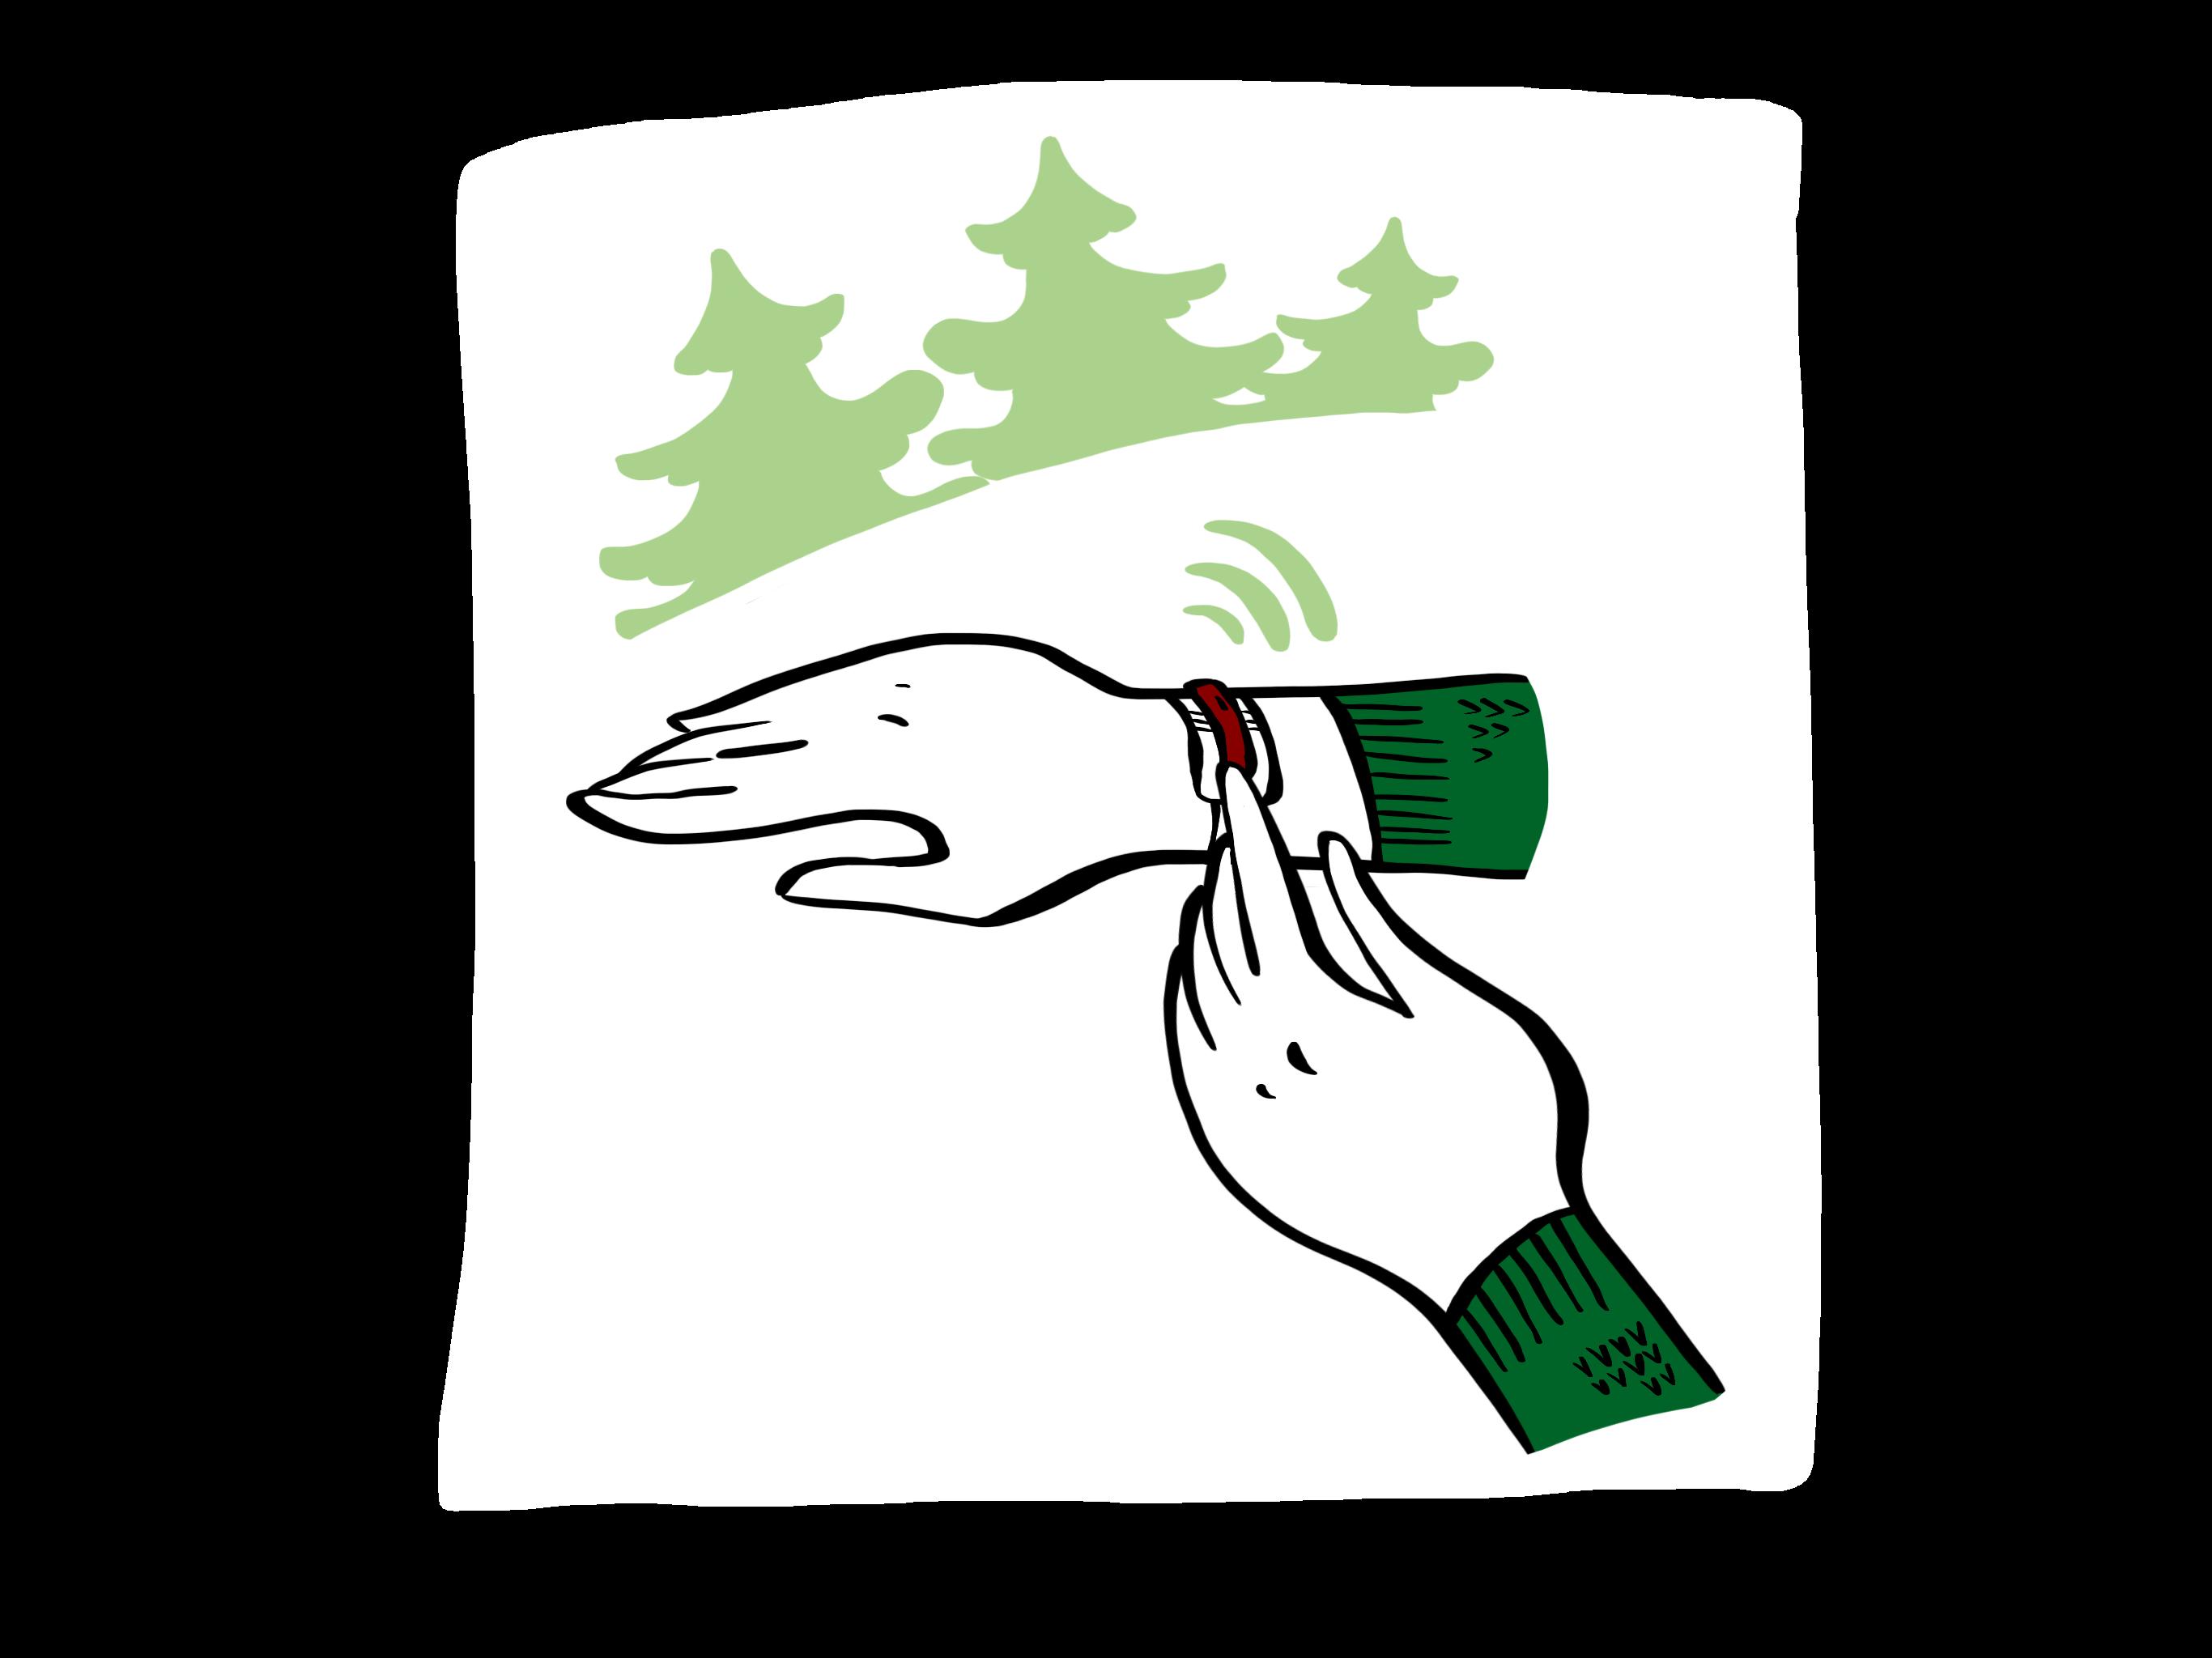 Ökad självständighet, trygghet och säkerhet för invånarna med stöd av mobila trygghetslarm